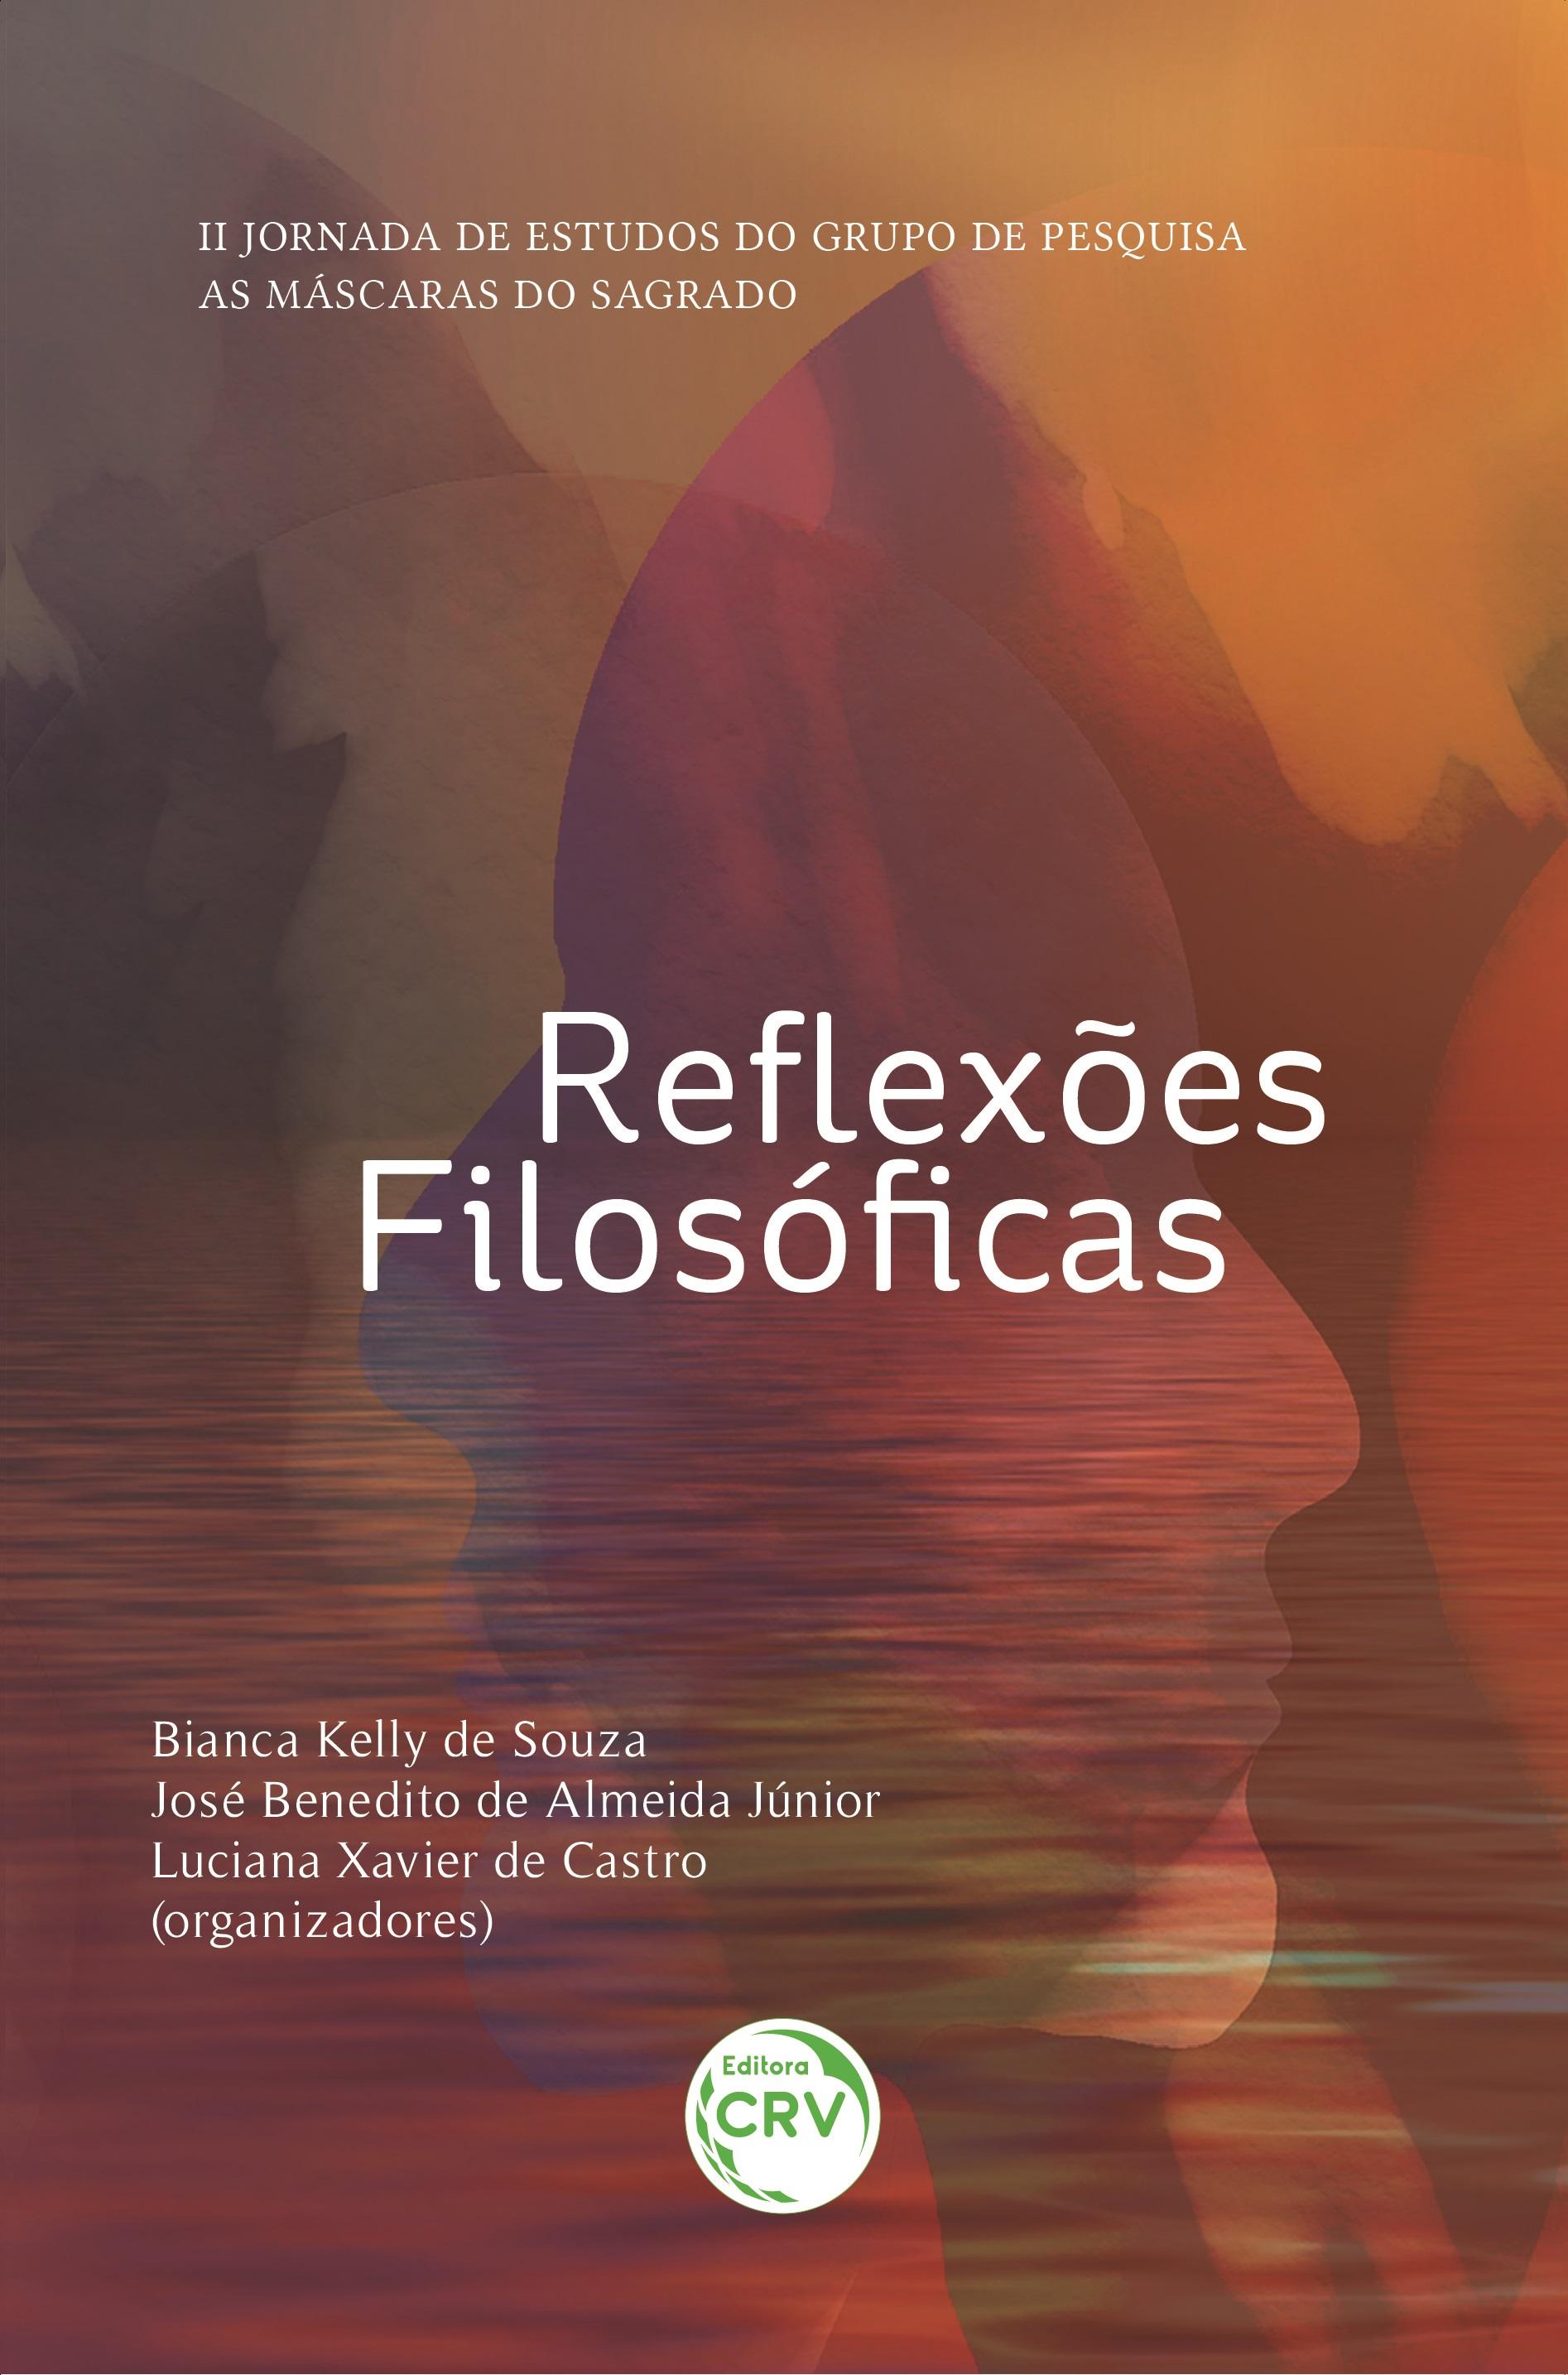 Capa do livro: REFLEXÕES FILOSÓFICAS<br> II Jornada de Estudos do Grupo de Pesquisa: As Máscaras do Sagrado